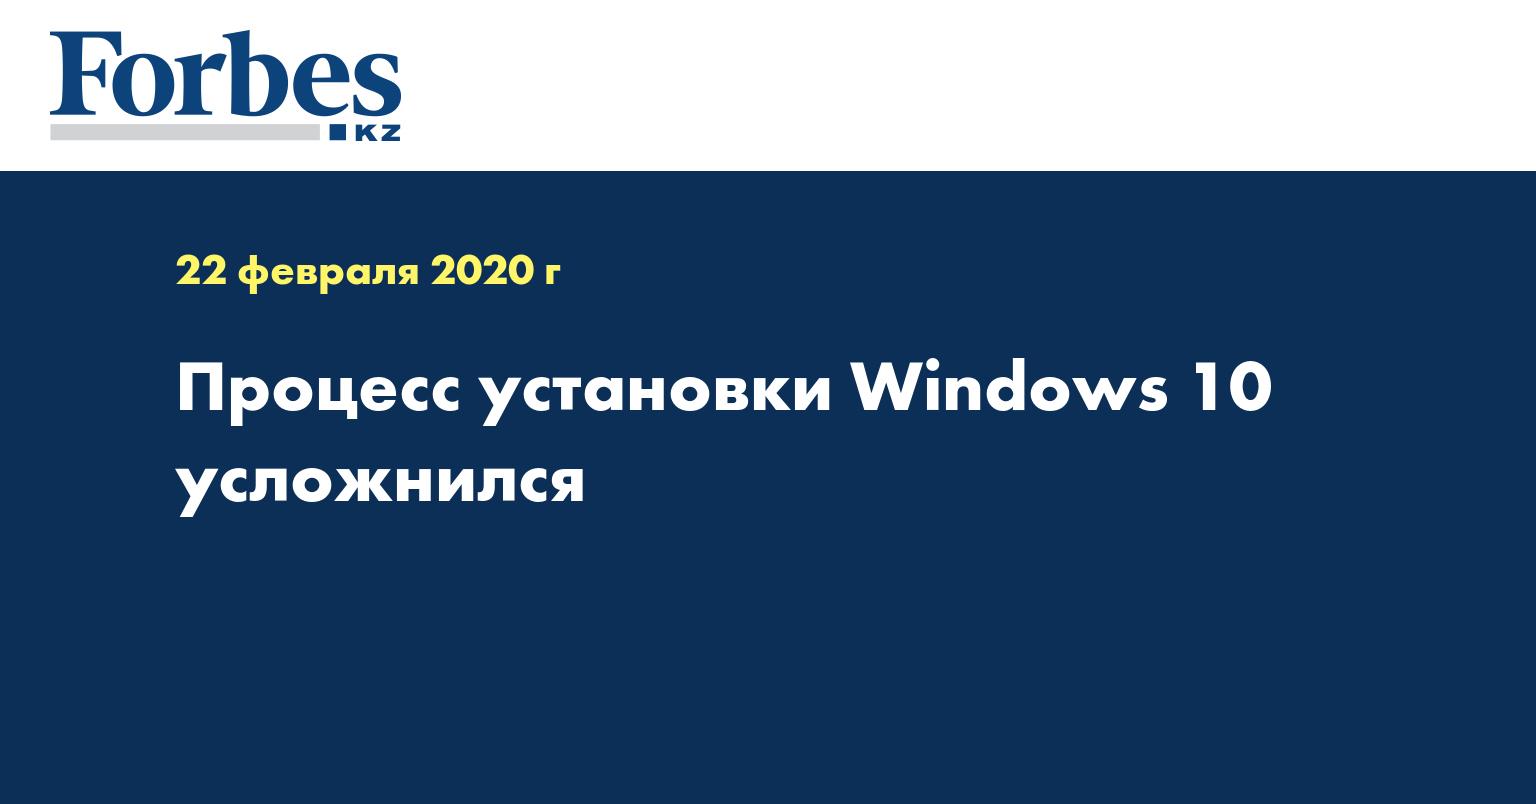 Процесс установки Windows 10 усложнился